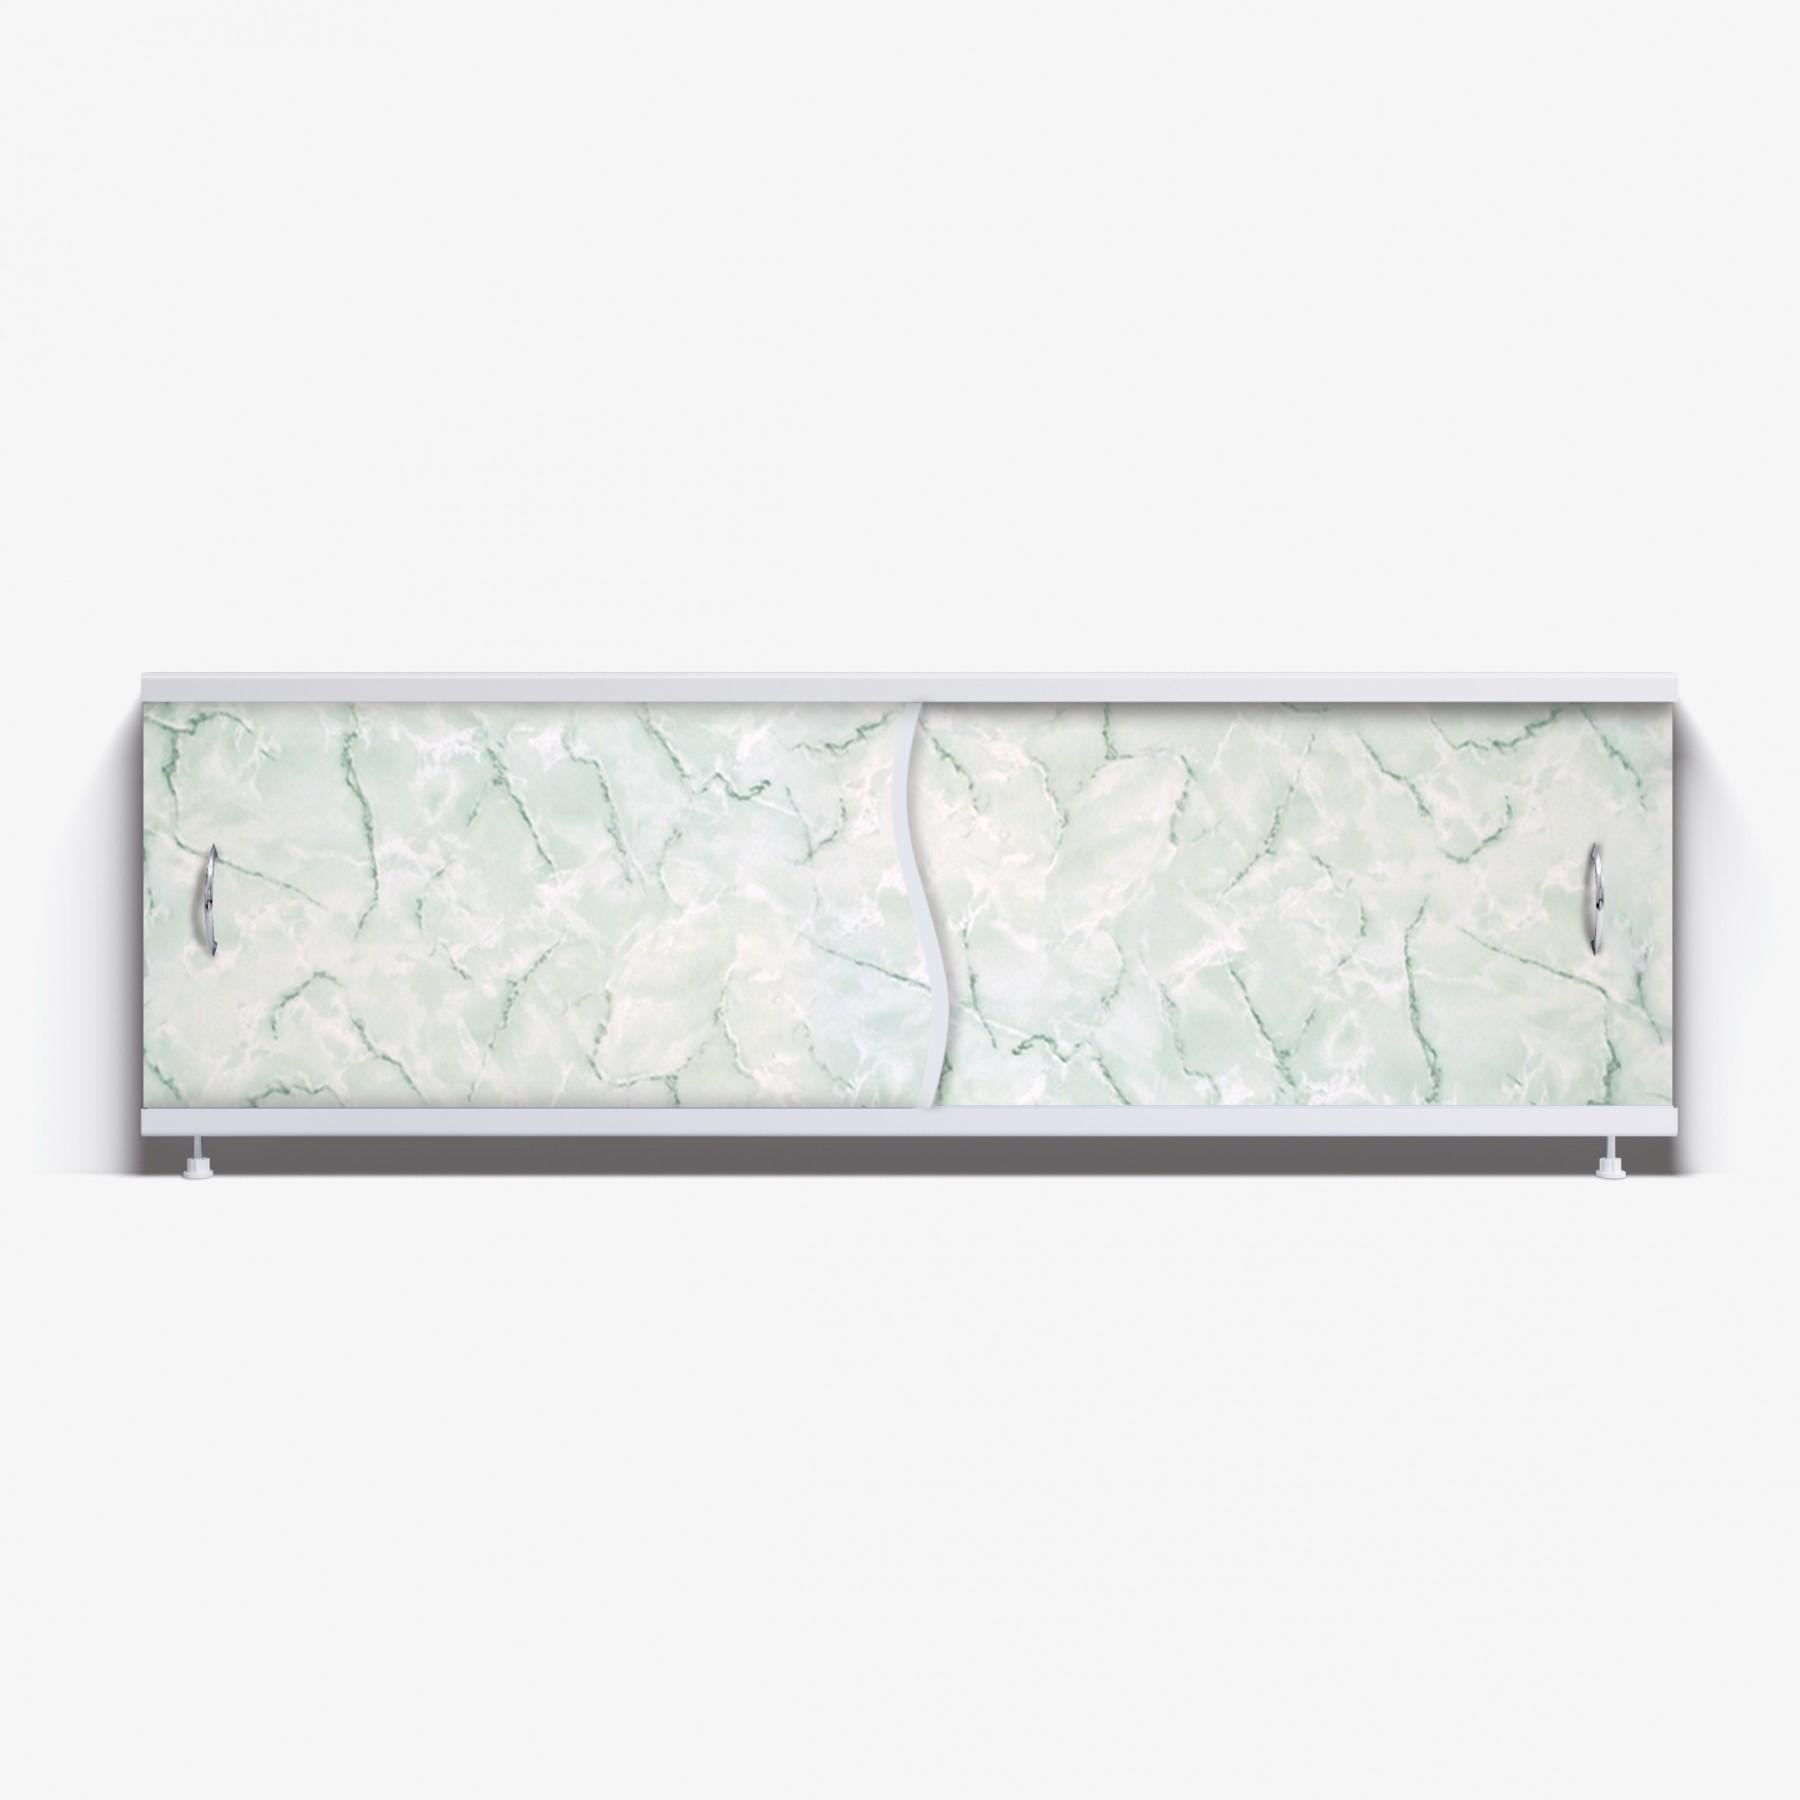 Экран под ванну Премьер 170 зеленый мрамор